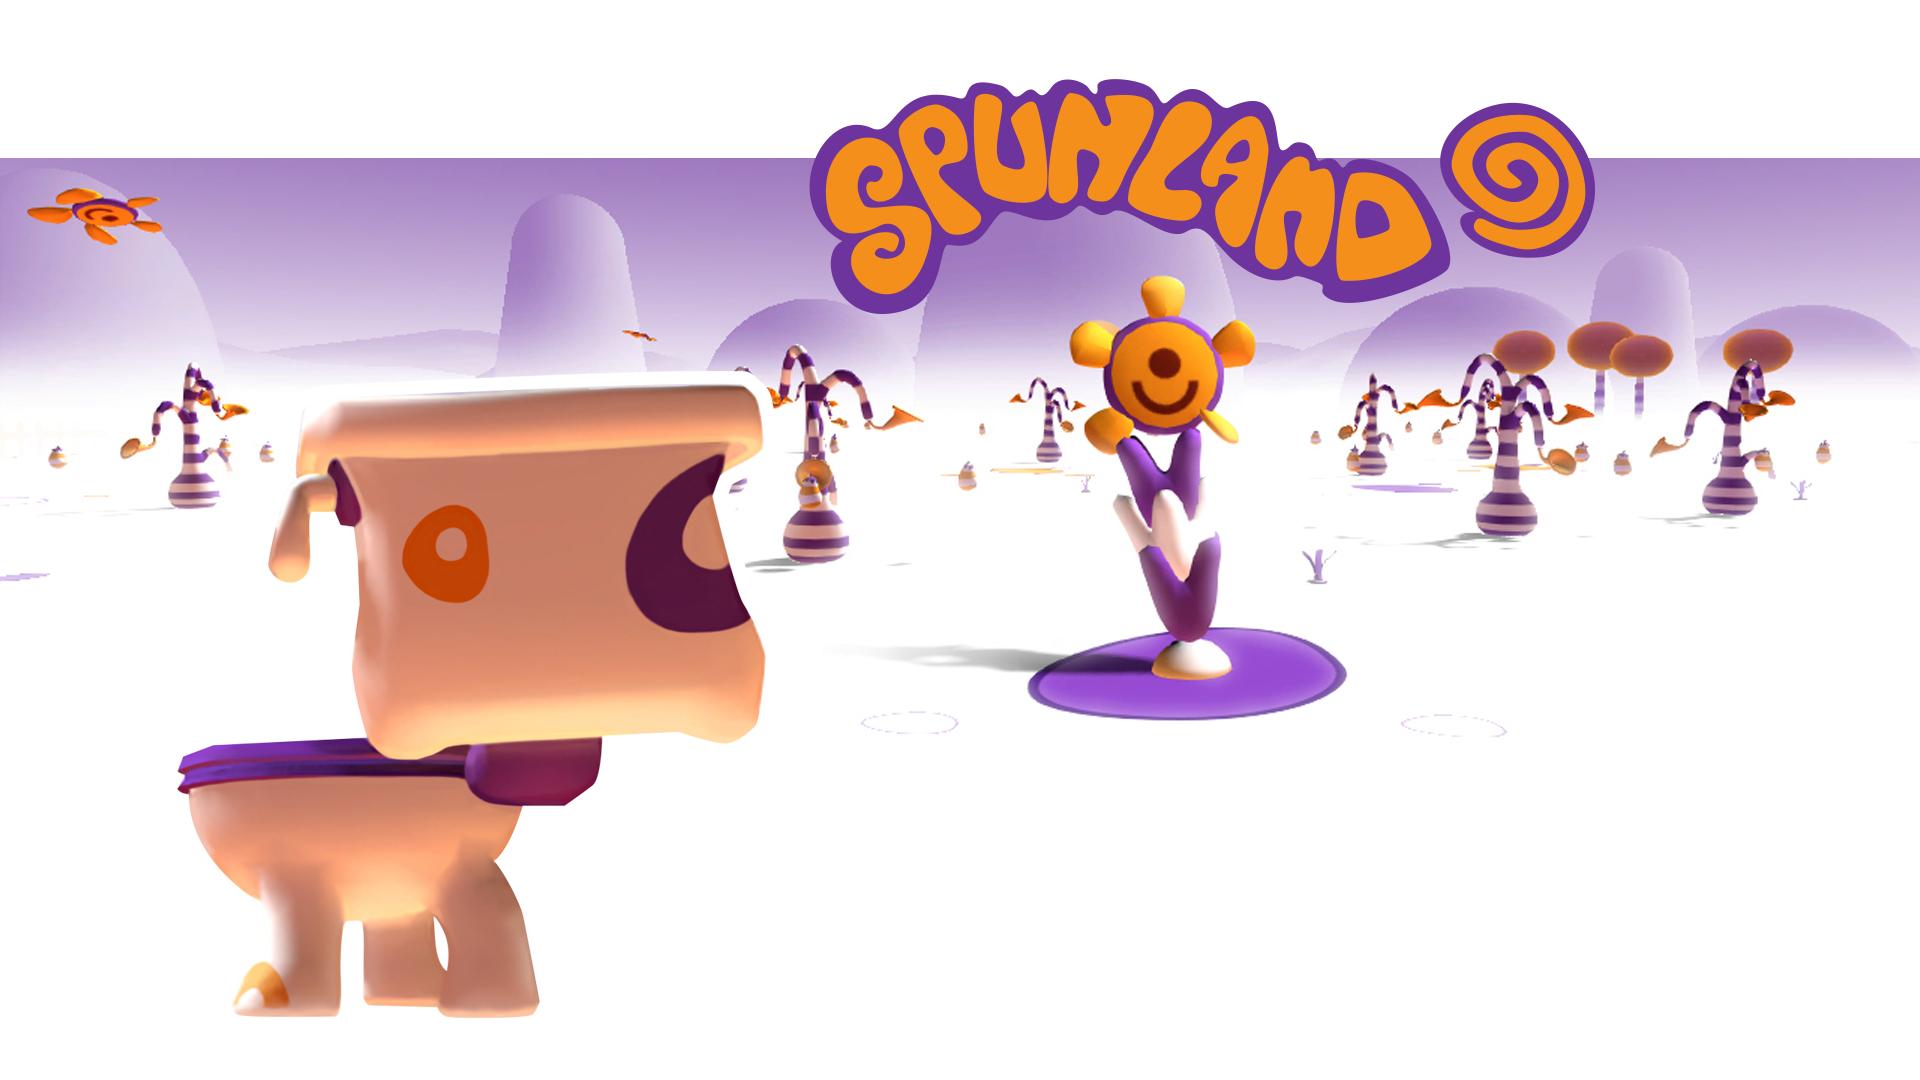 Spunland